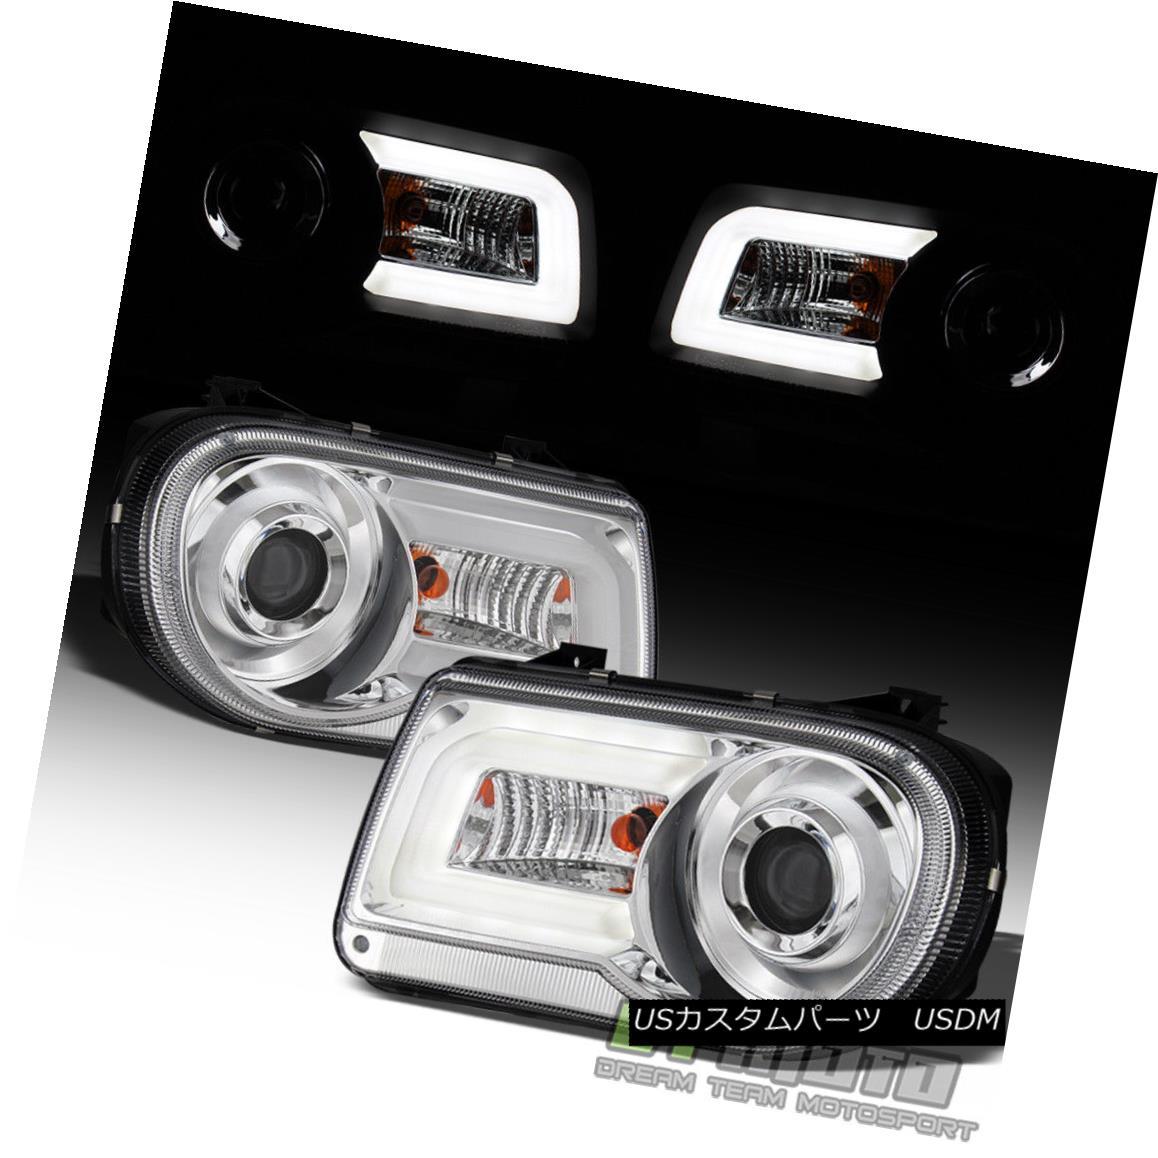 ヘッドライト 2005-2010 Chrysler 300C LED Light Tube DRL Projector Headlights Left+Right 05-10 2005-2010クライスラー300C LEDライトチューブDRLプロジェクターヘッドライト左+右05-10